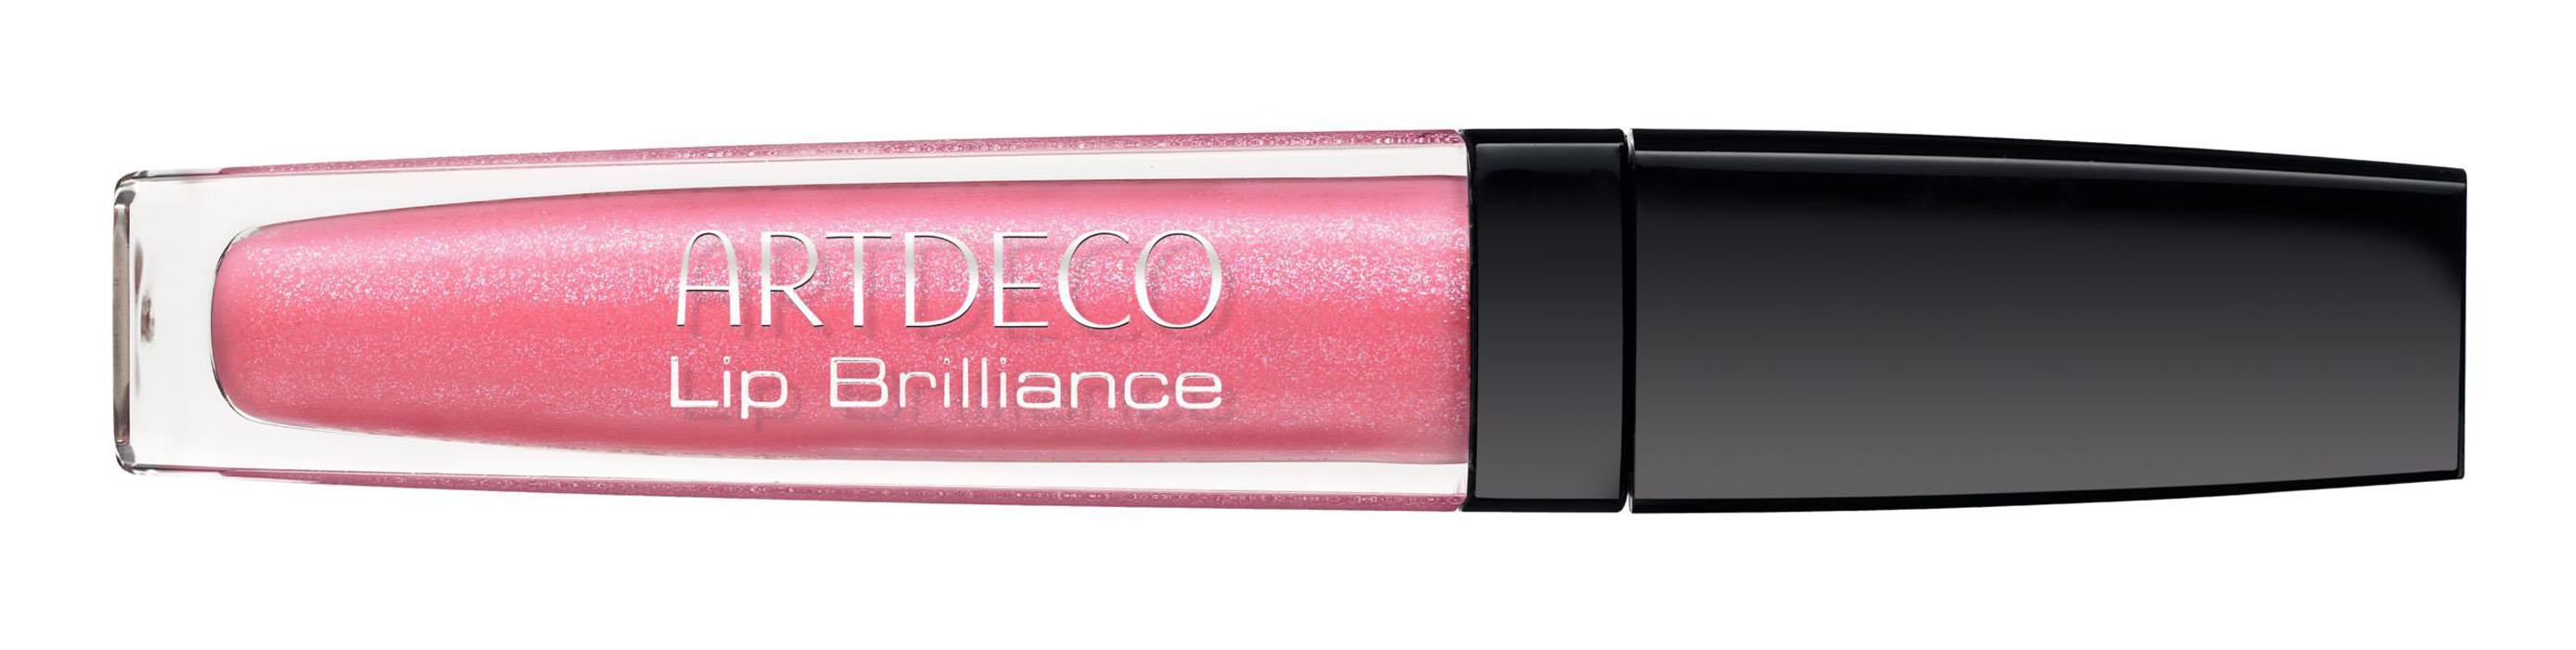 ARTDECO Блеск для губ устойчивый Fashion Colors BRILLIANCE 62, 5 мл artdeco увлажняющая помада perfect color 24